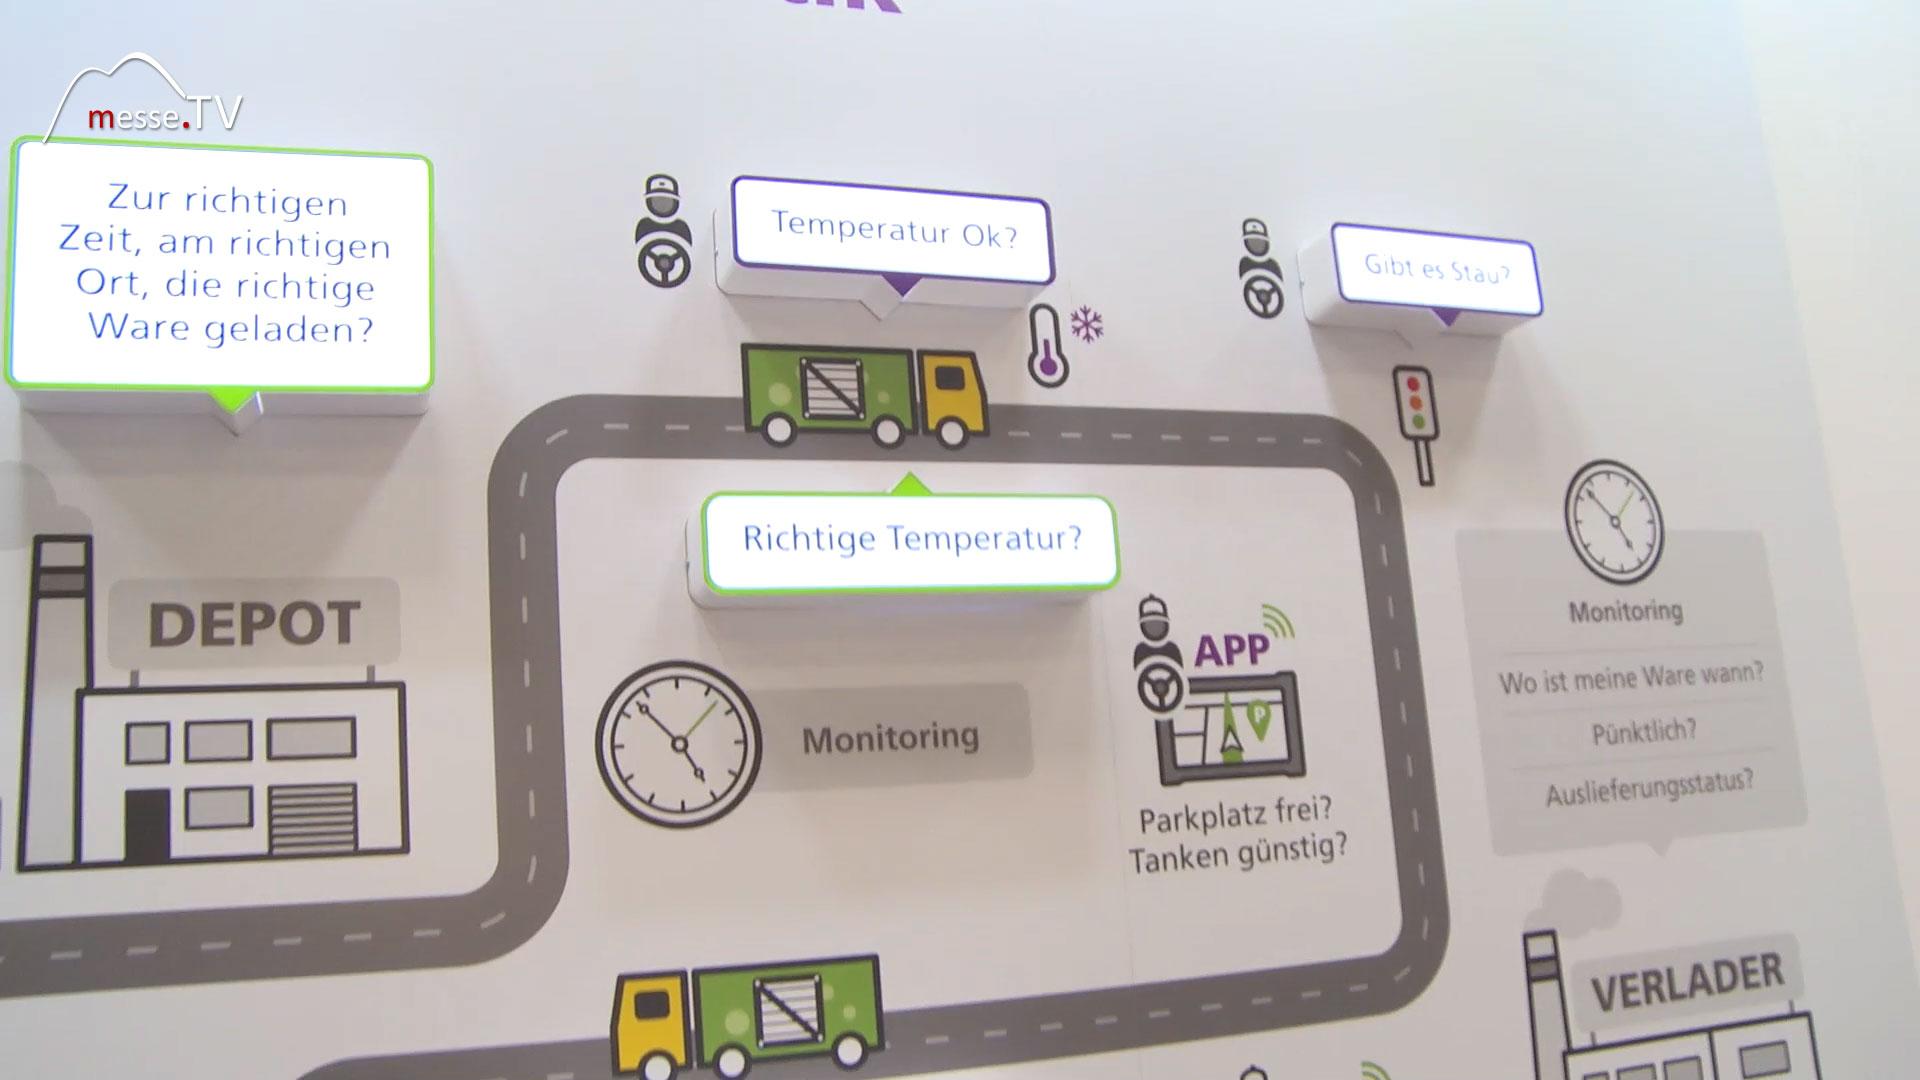 Astrata: Telematik,  Standort ermitteln und Temperatur prüfen